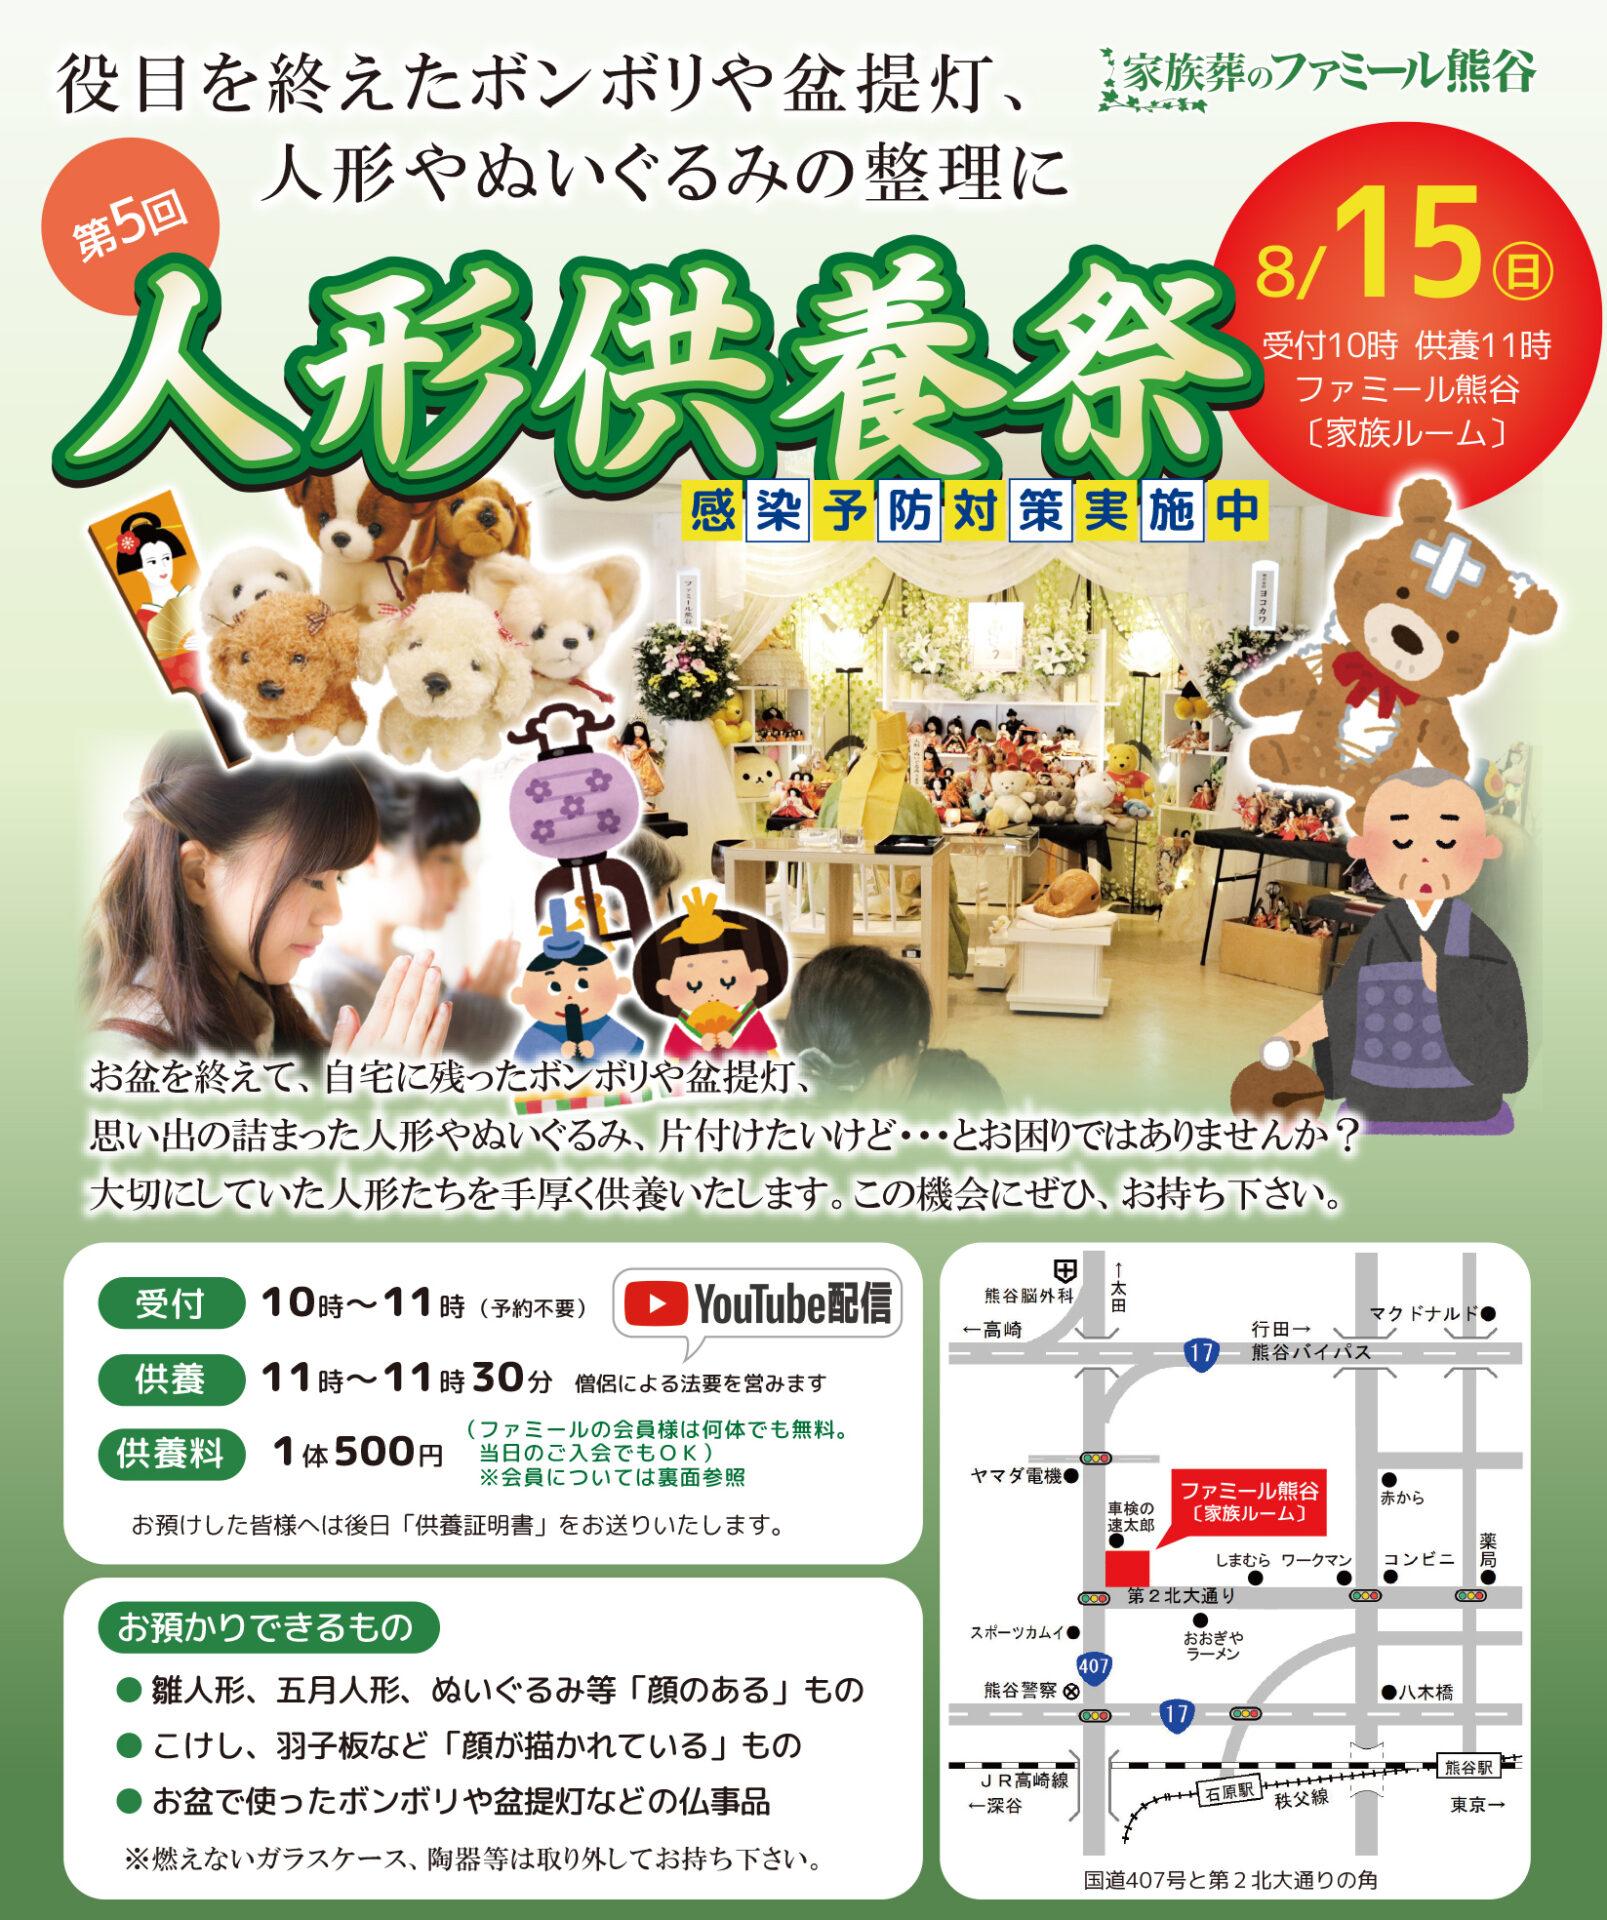 熊谷人形供養祭